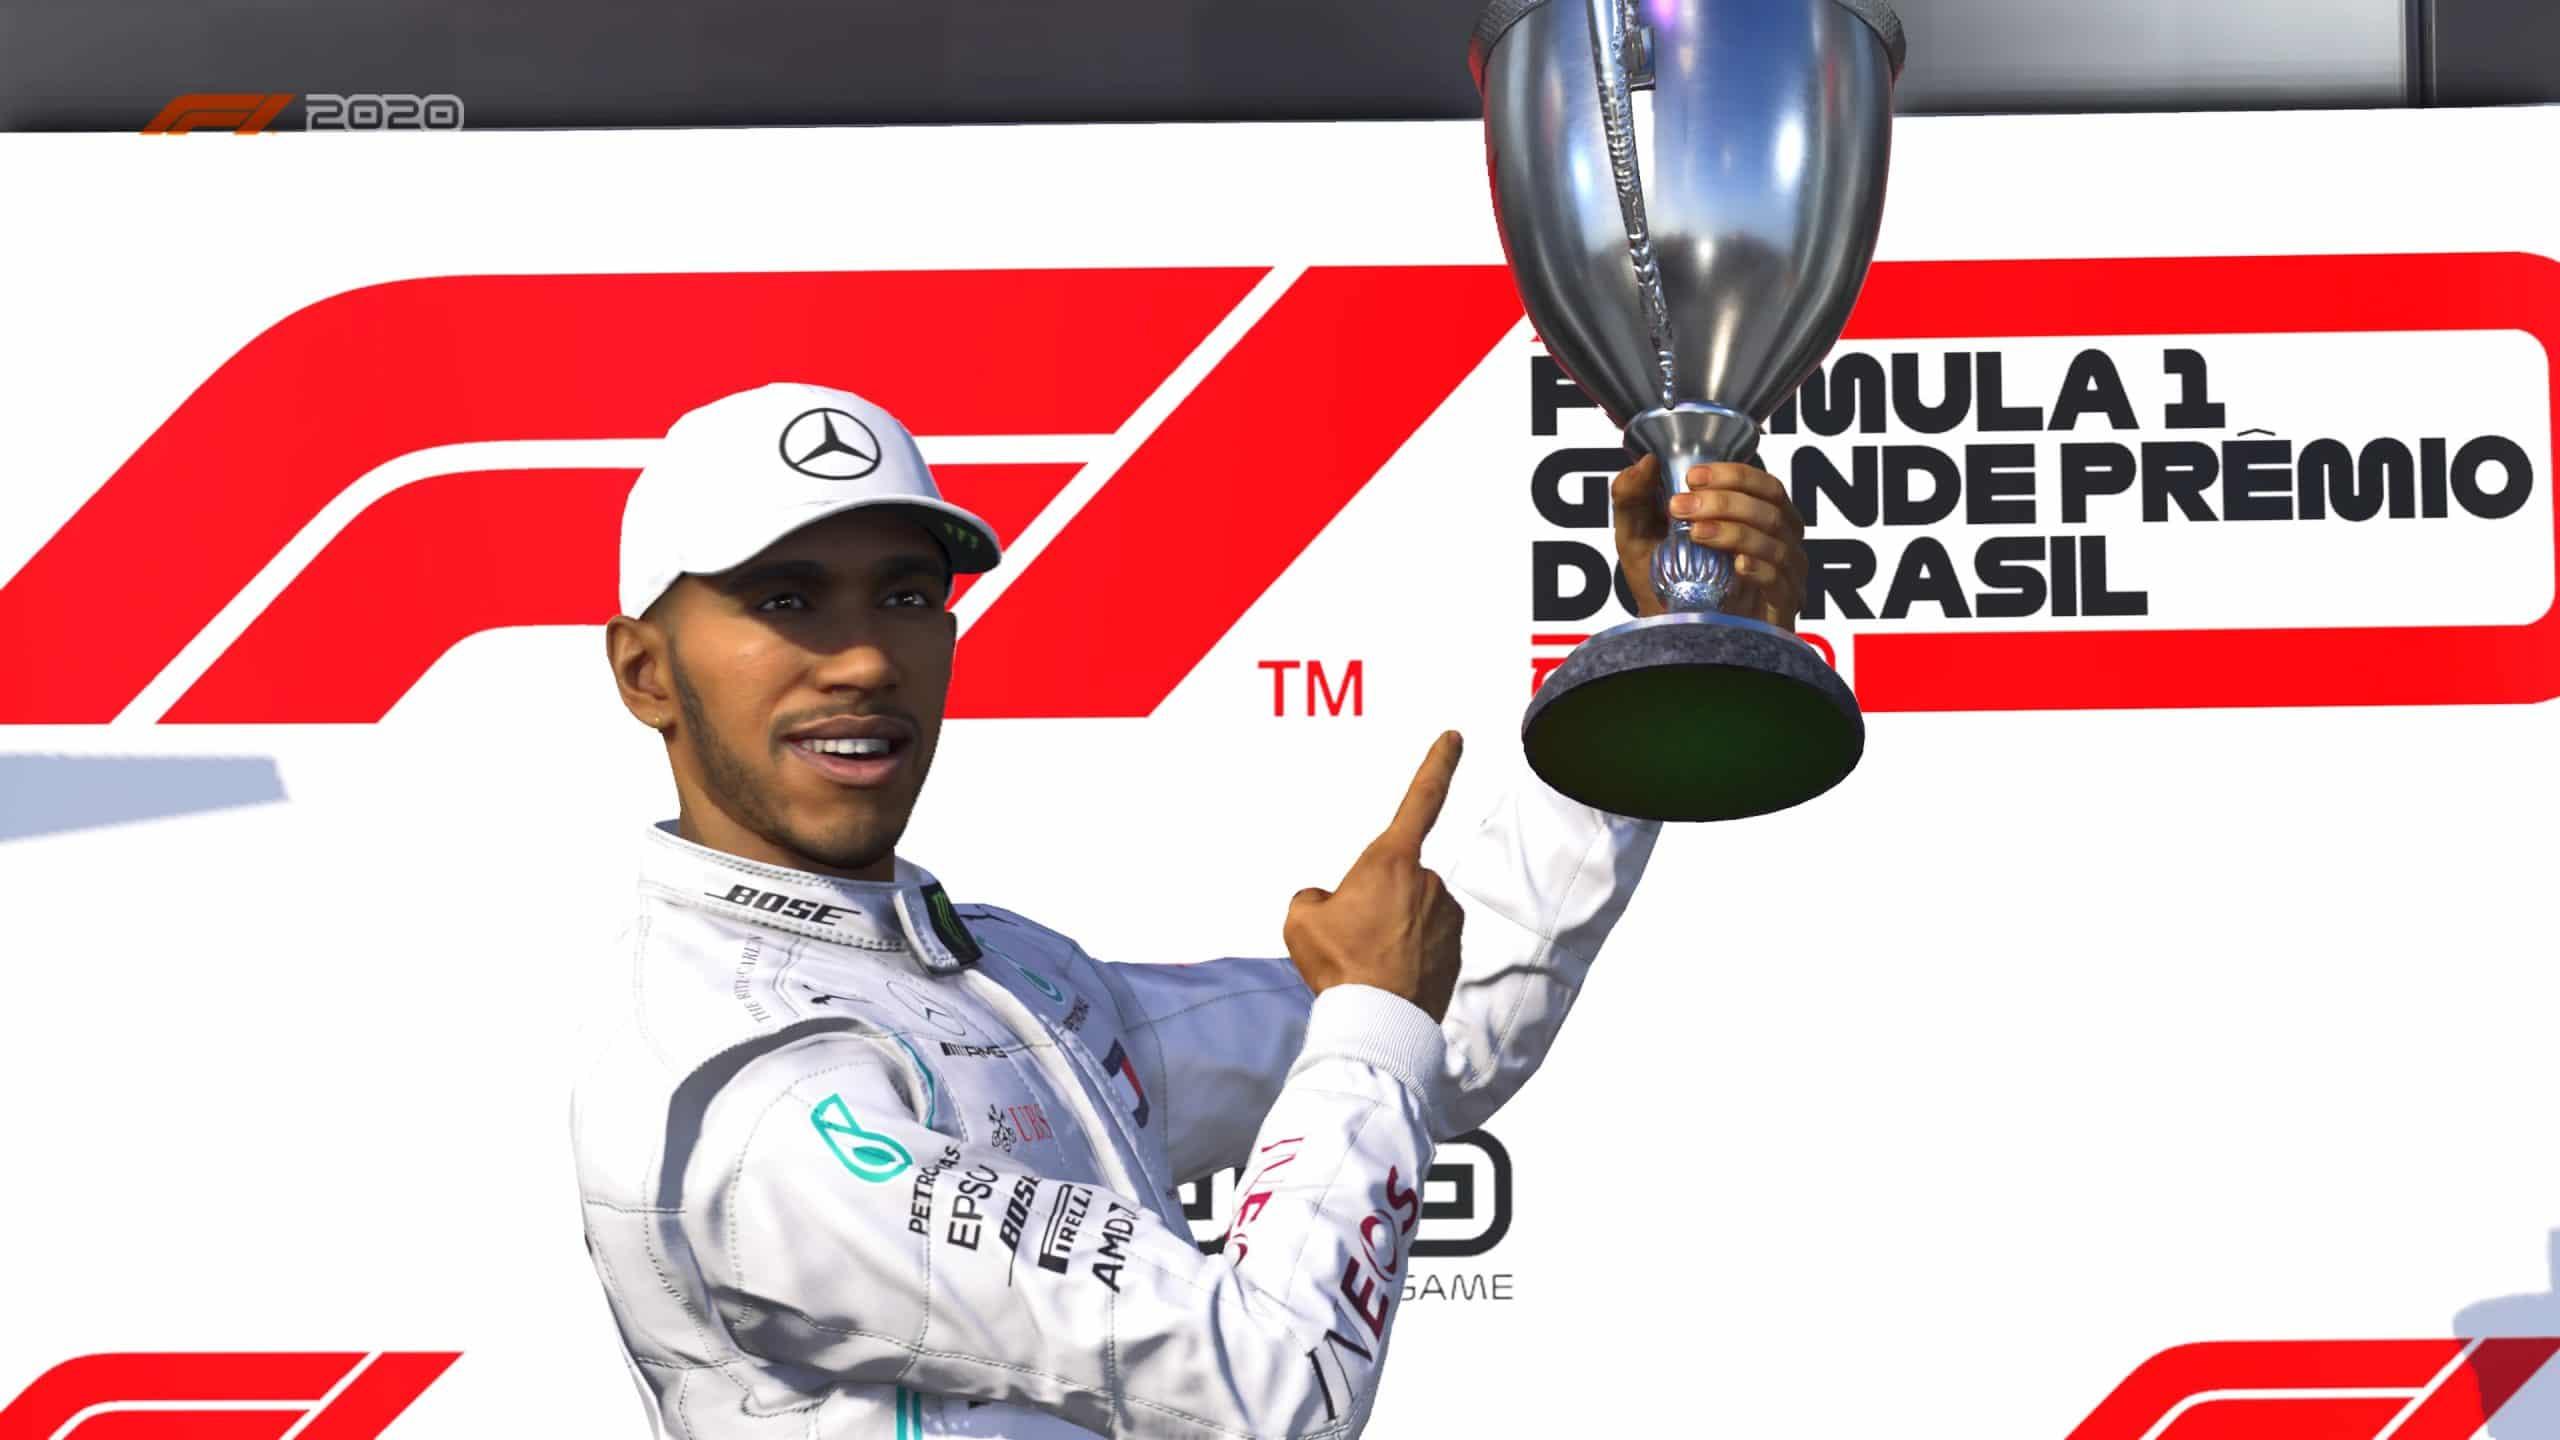 F1 2020 ainda é o número 1 da categoria (Foto: Reprodução/Thiago Barros)